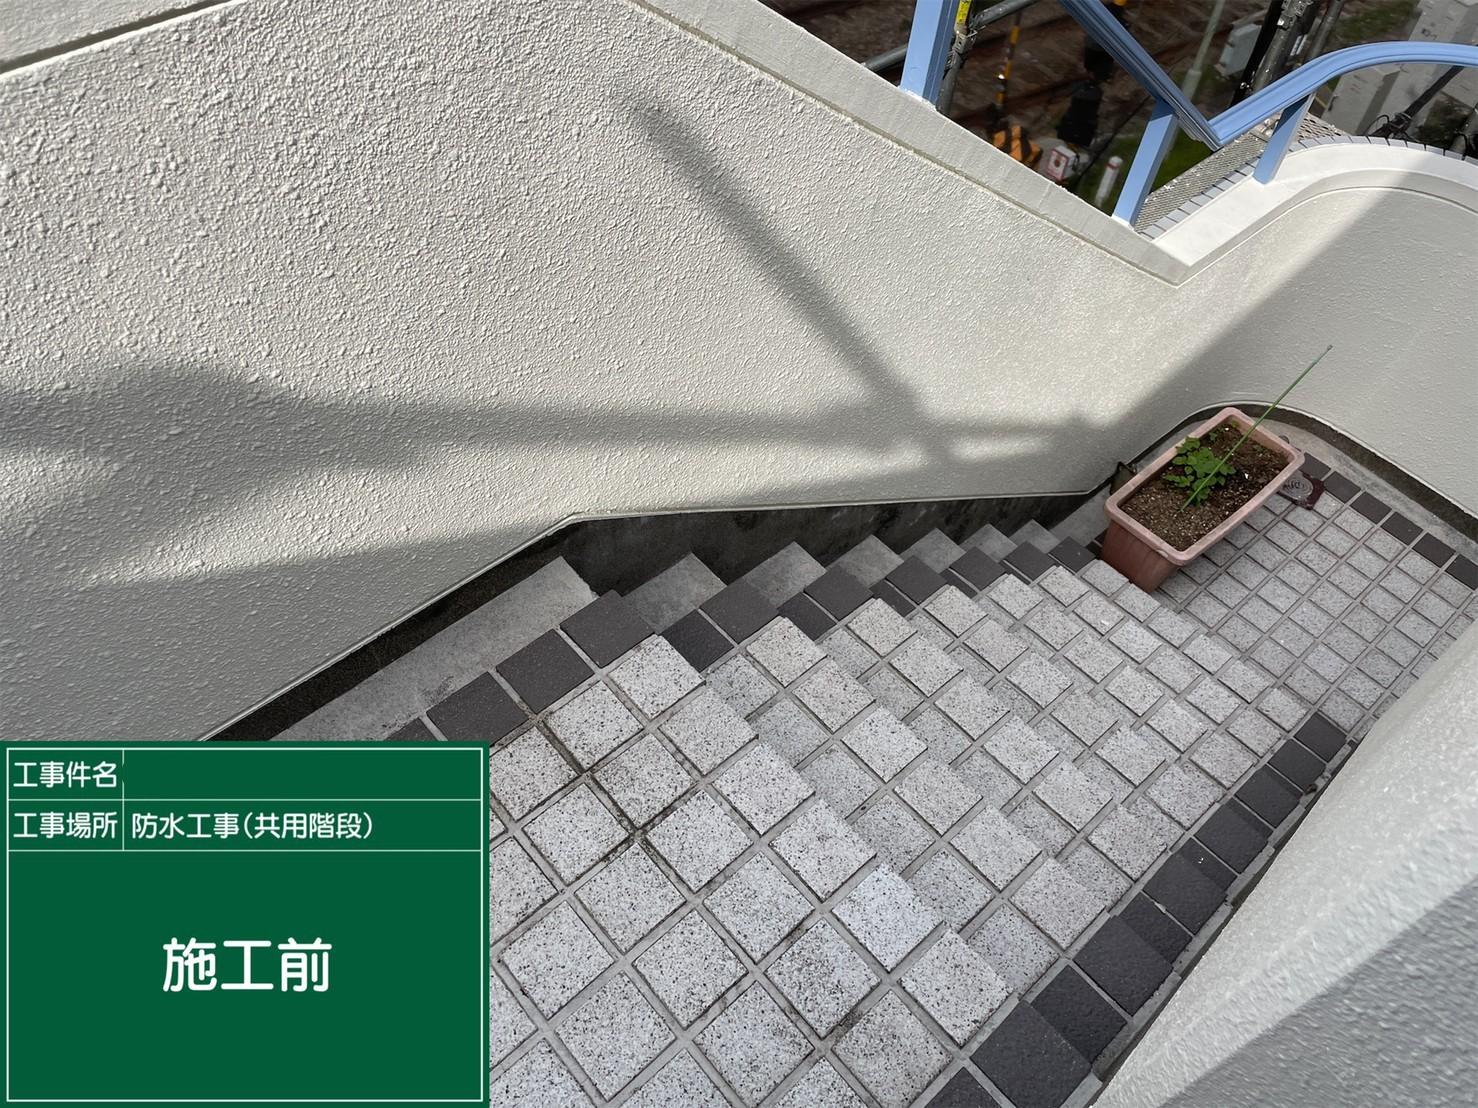 【階段】①施工前